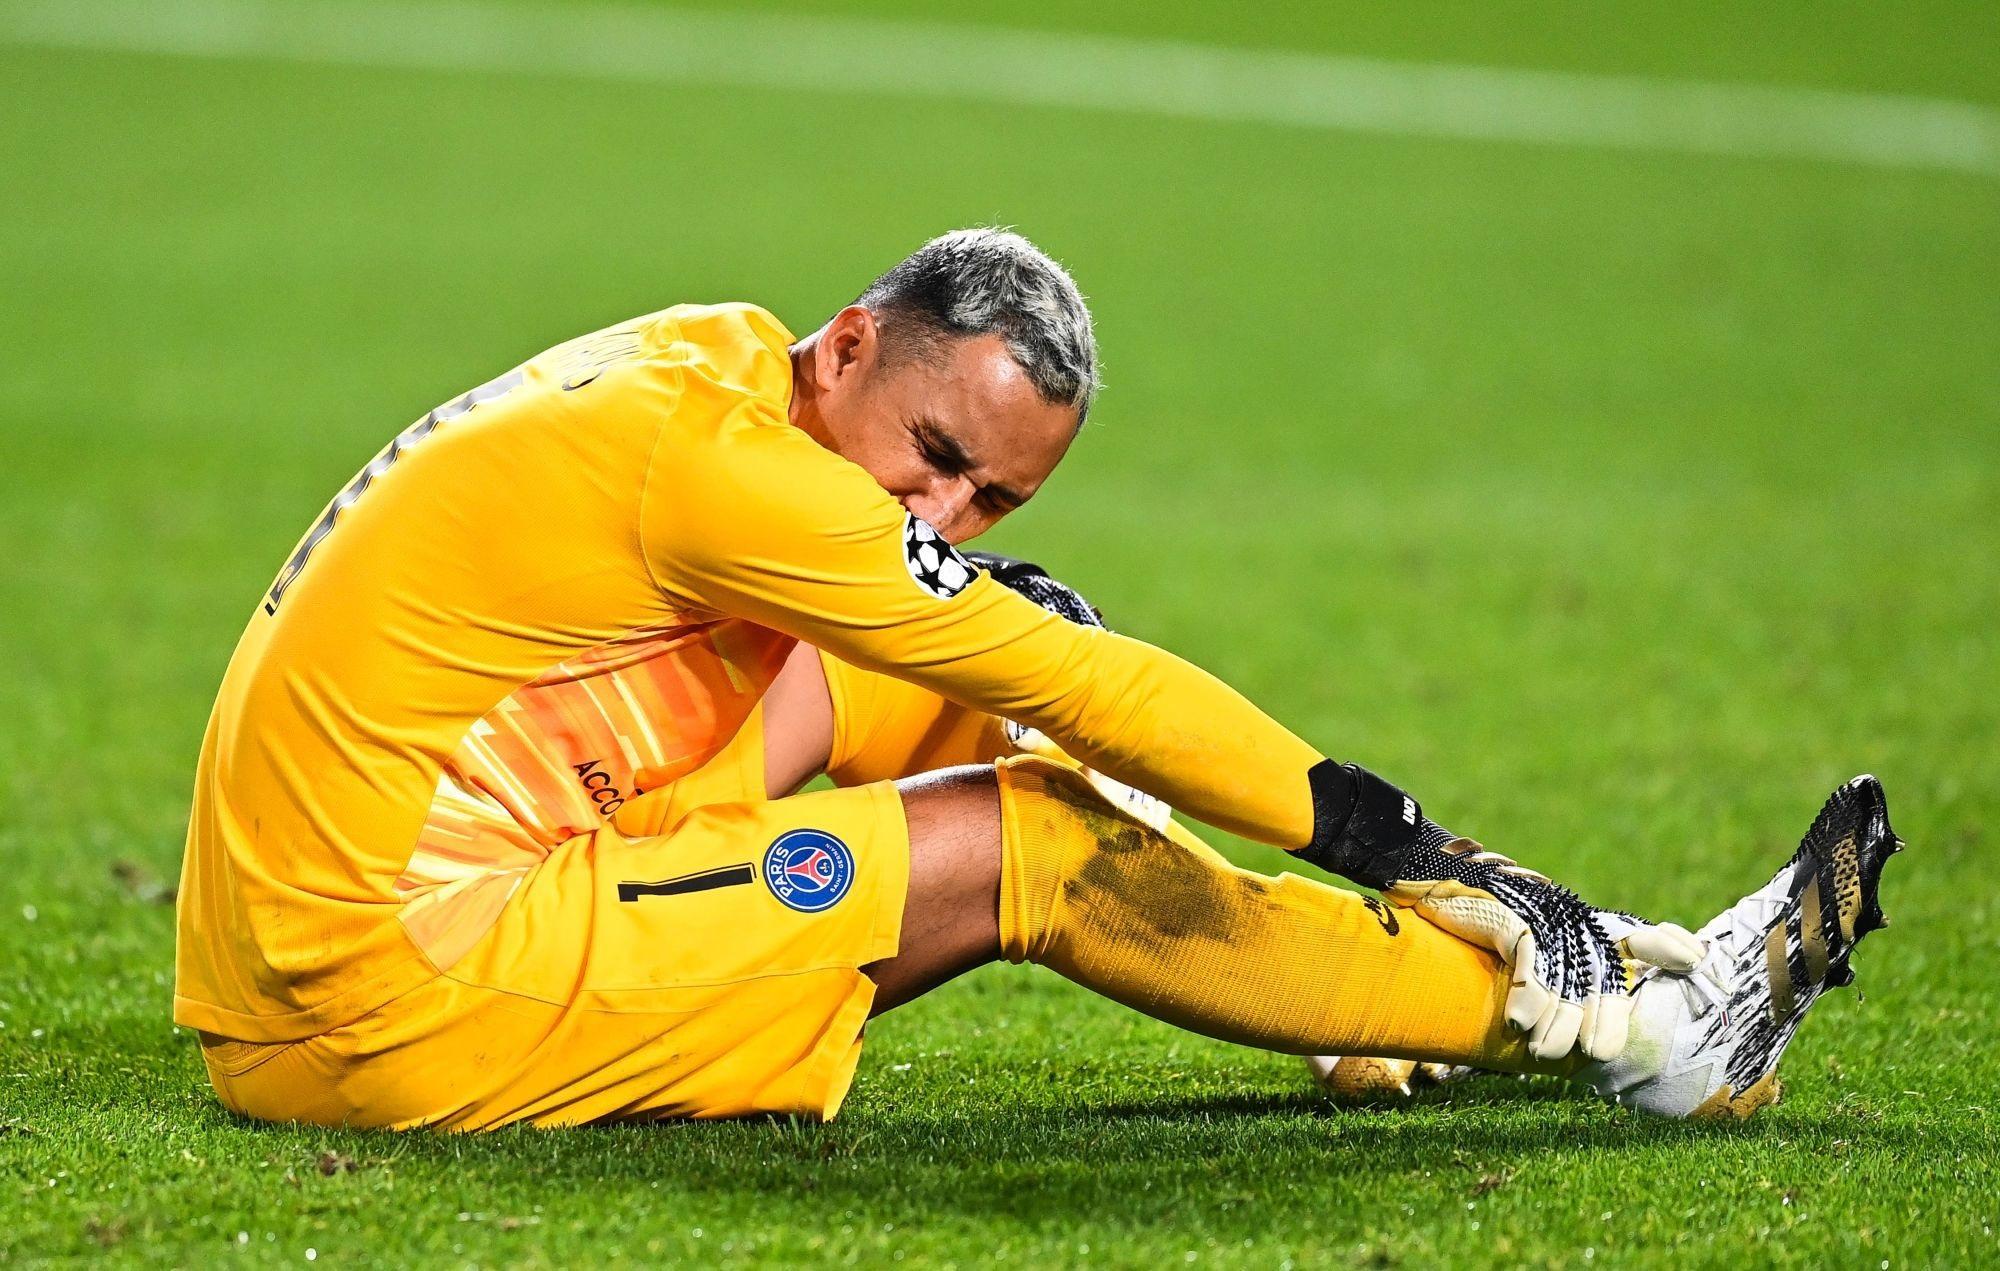 Officiel - Le fait le point sur les blessures de Navas, Thiago Silva, Verratti et Kurzawa